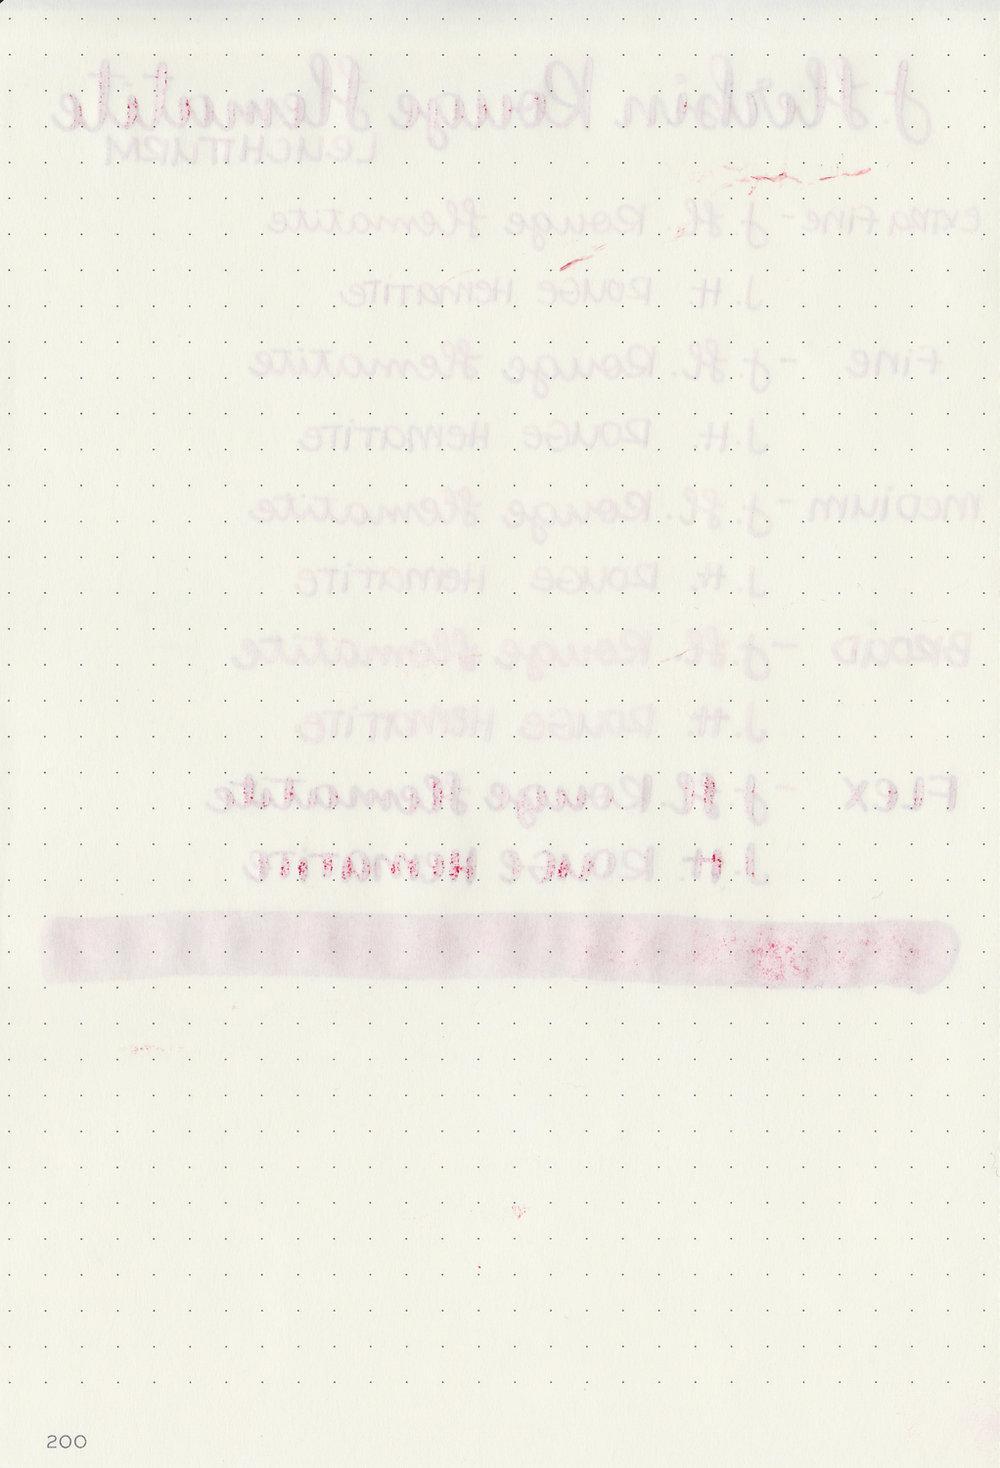 JH1670RougeHematite-9.jpg